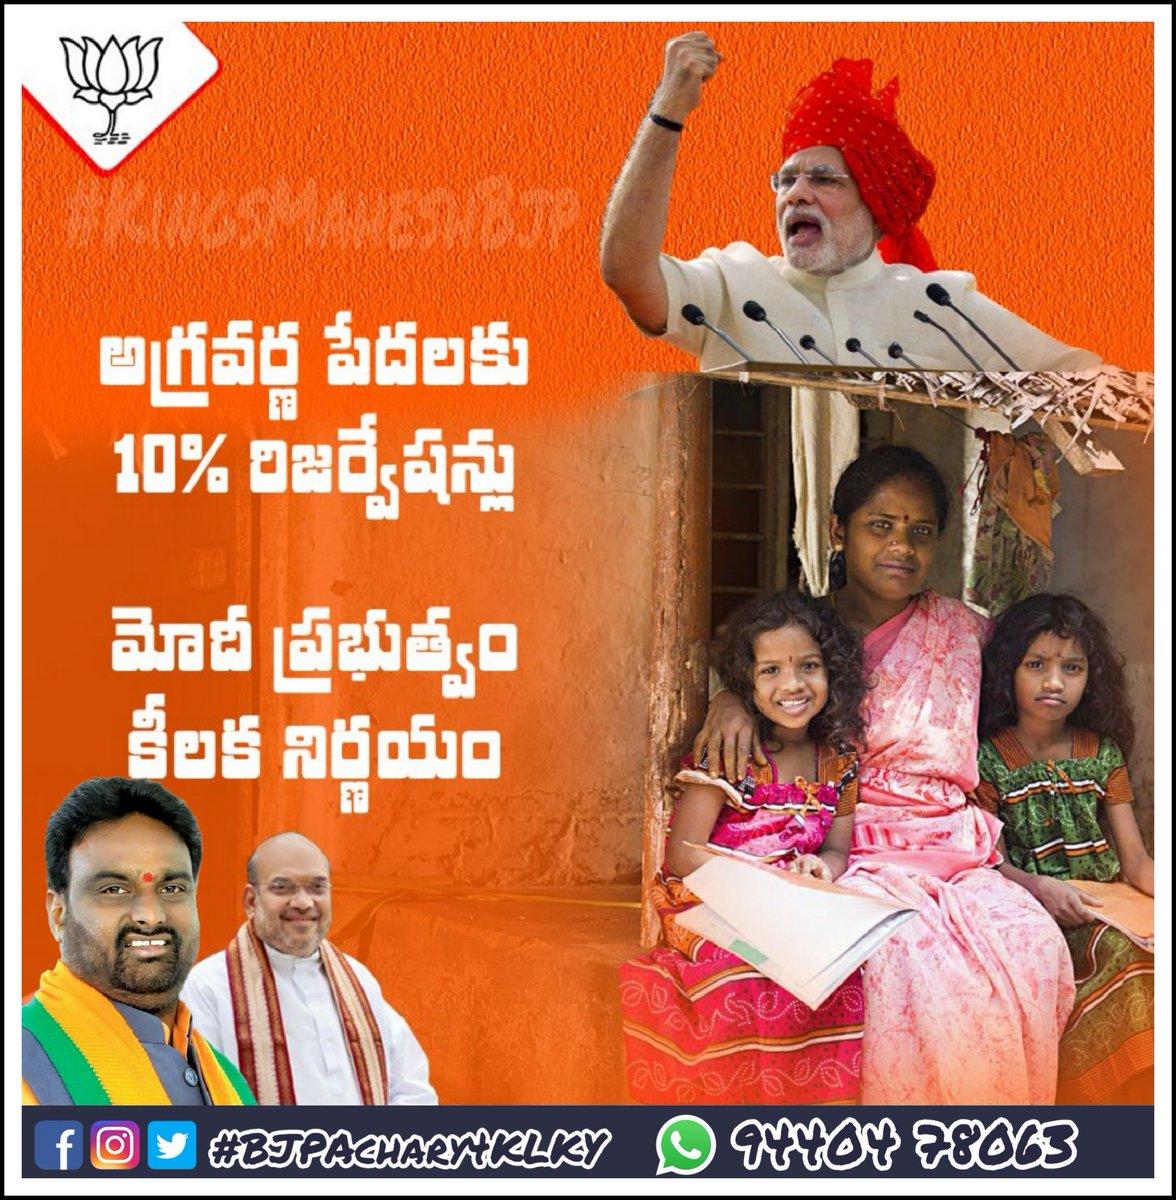 అగ్రవర్ణాల్లో ఆర్థికంగా వెనుకబడినవారికి 10శాతం రిజర్వేషన్లు కల్పిస్తూ నరేంద్ర మోదీ ప్రభుత్వం కీలక నిర్ణయం తీసుకుంది. ఇకపై అగ్రవర్ణాల్లో ఆర్థికంగా వెనుకబడిన వారికి విద్య, ఉద్యోగాల్లో 10శాతం కోటా కల్పించనున్నారు.  #BJP4Telangana #ModiKiSavarnKranti #PMNarendraModi